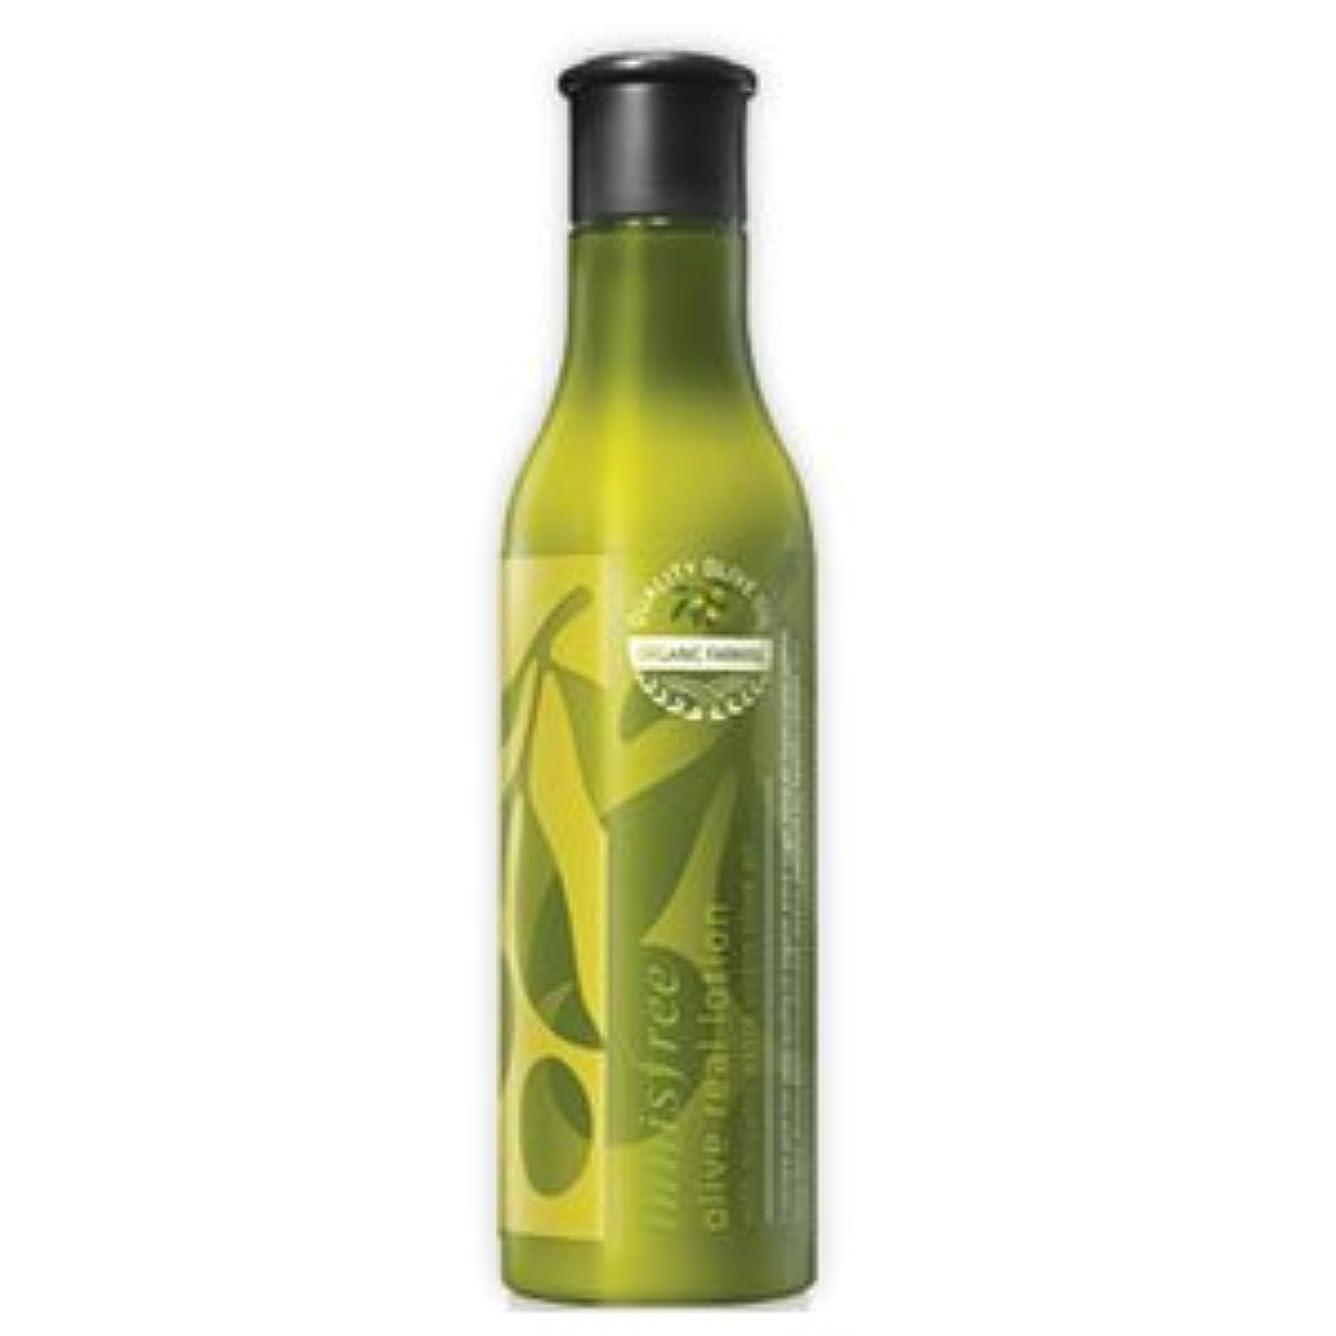 ボトル参加者カバレッジinnisfree(イニスフリー) 保湿栄養 オリーブリアル ローション 乳液 160ml